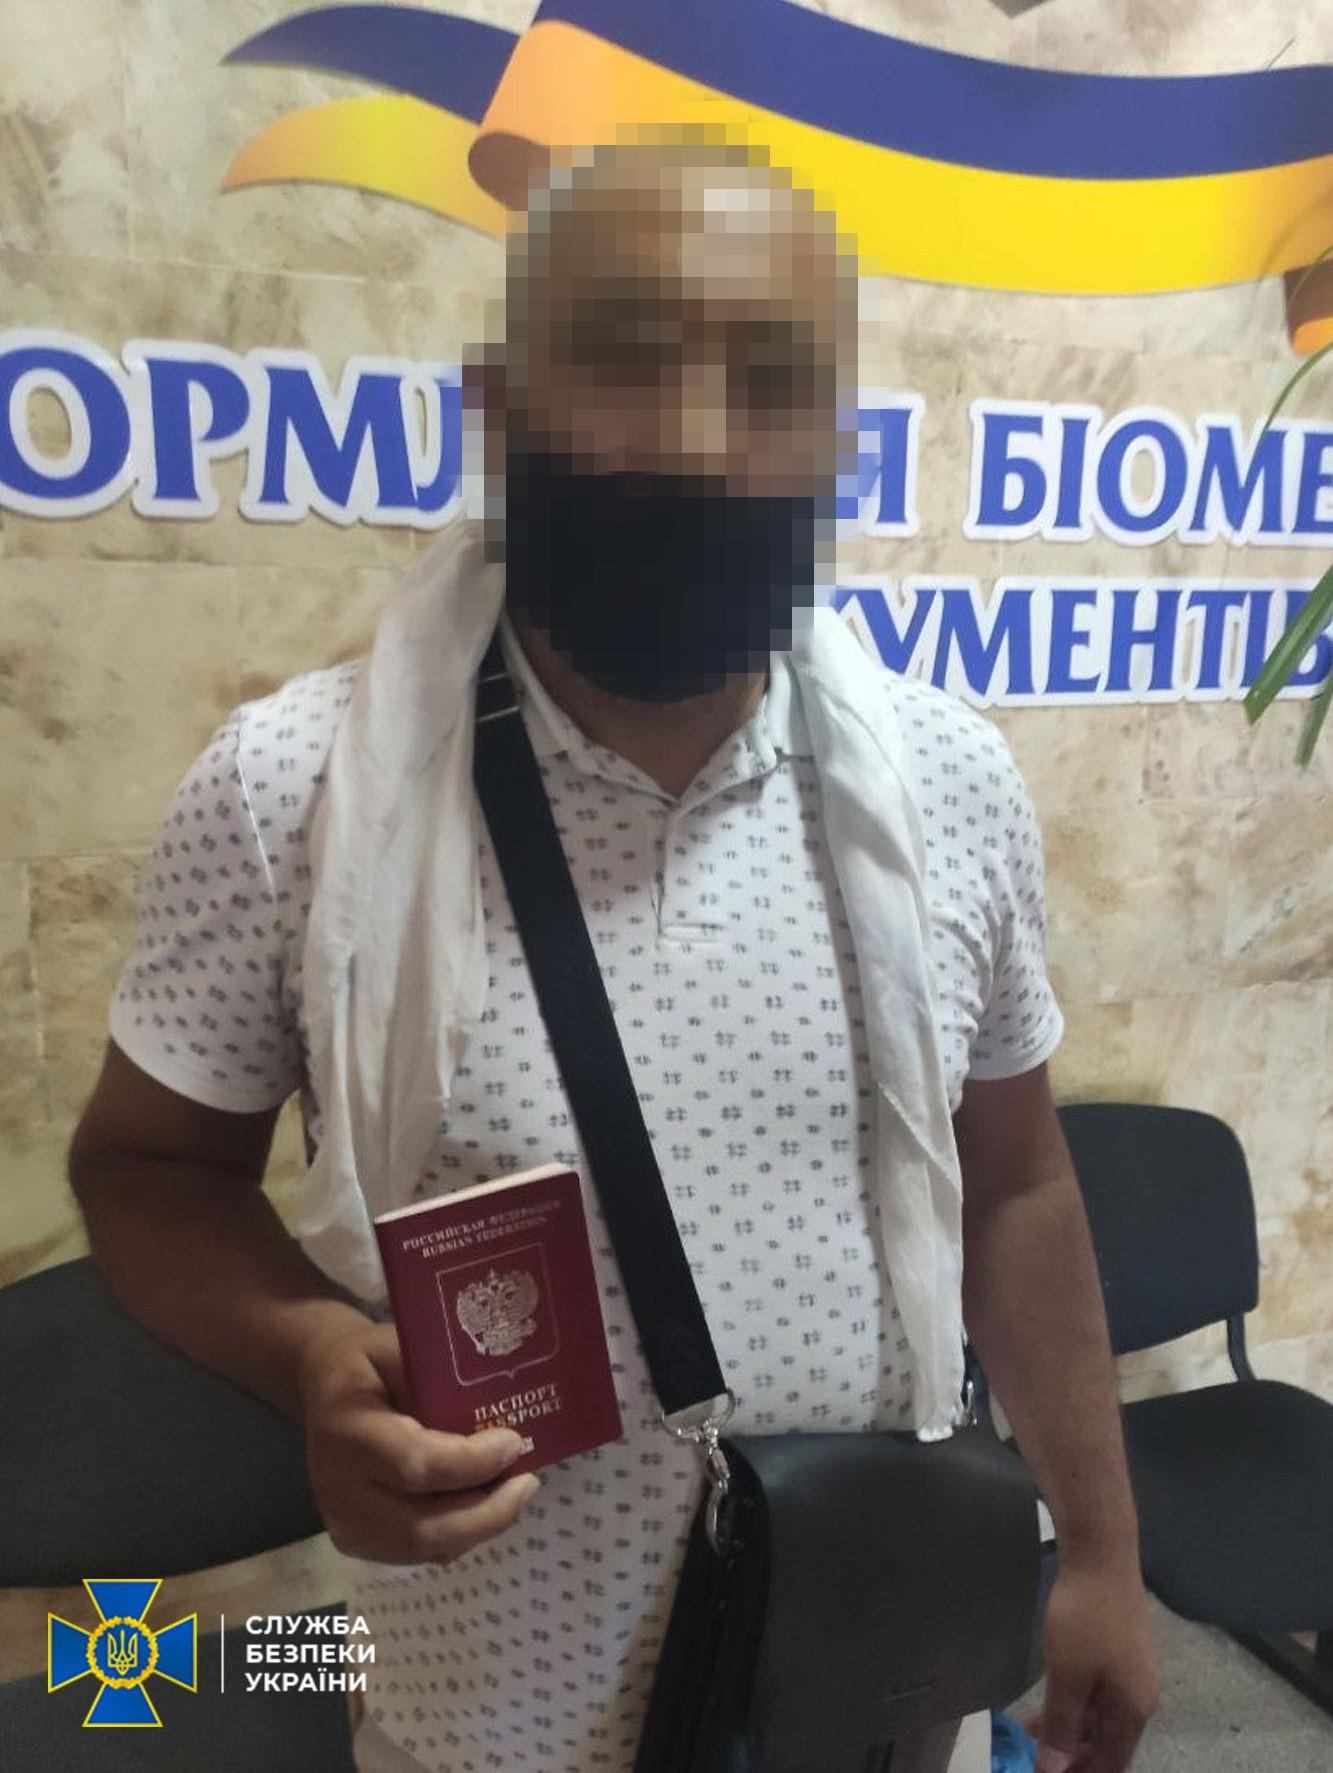 Був у розшуку Інтерполу: в Черкасах затримали терориста з паспортом РФ